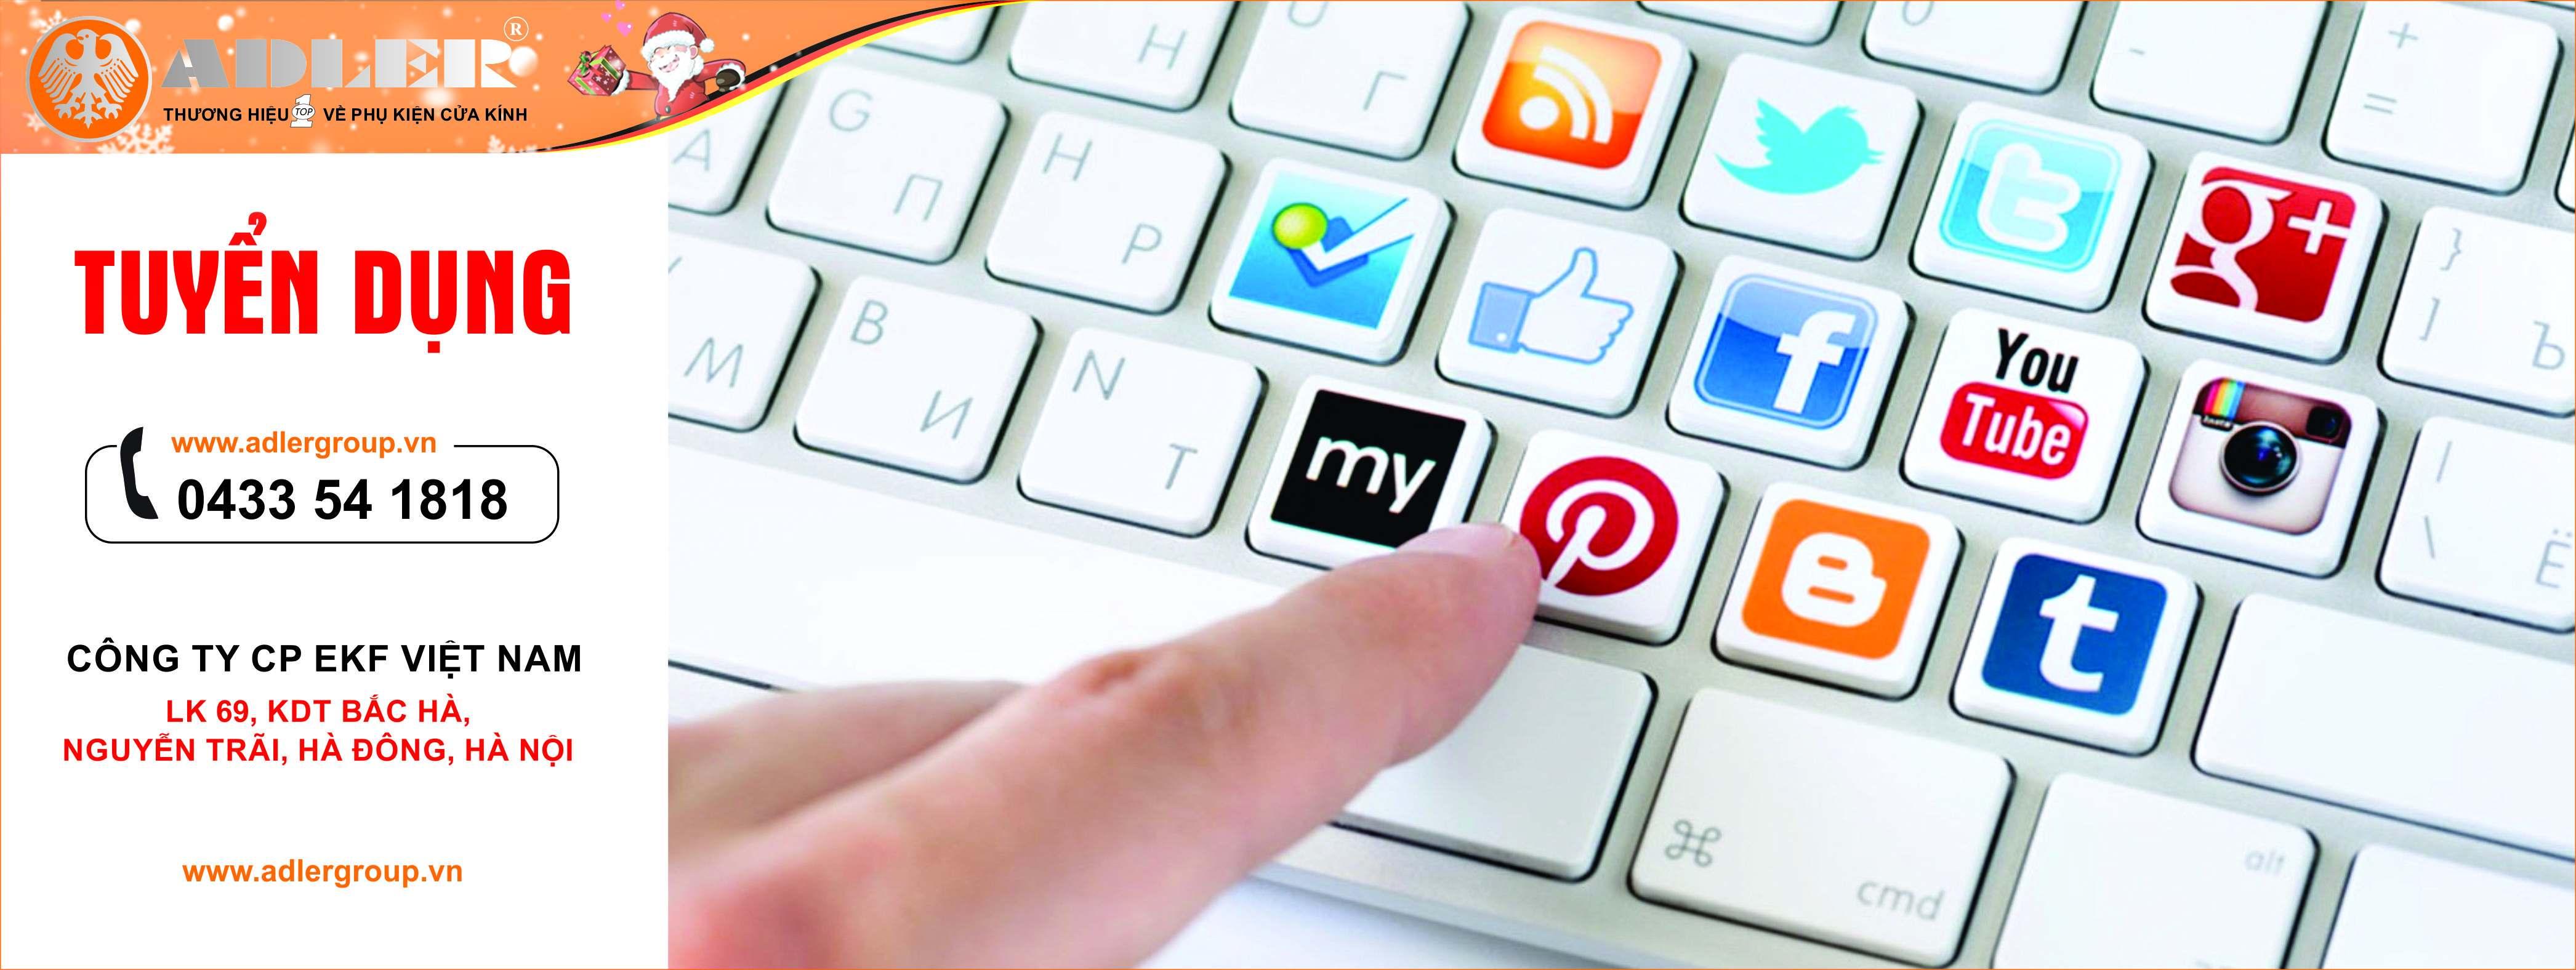 Tuyển dụng qua mạng xã hội